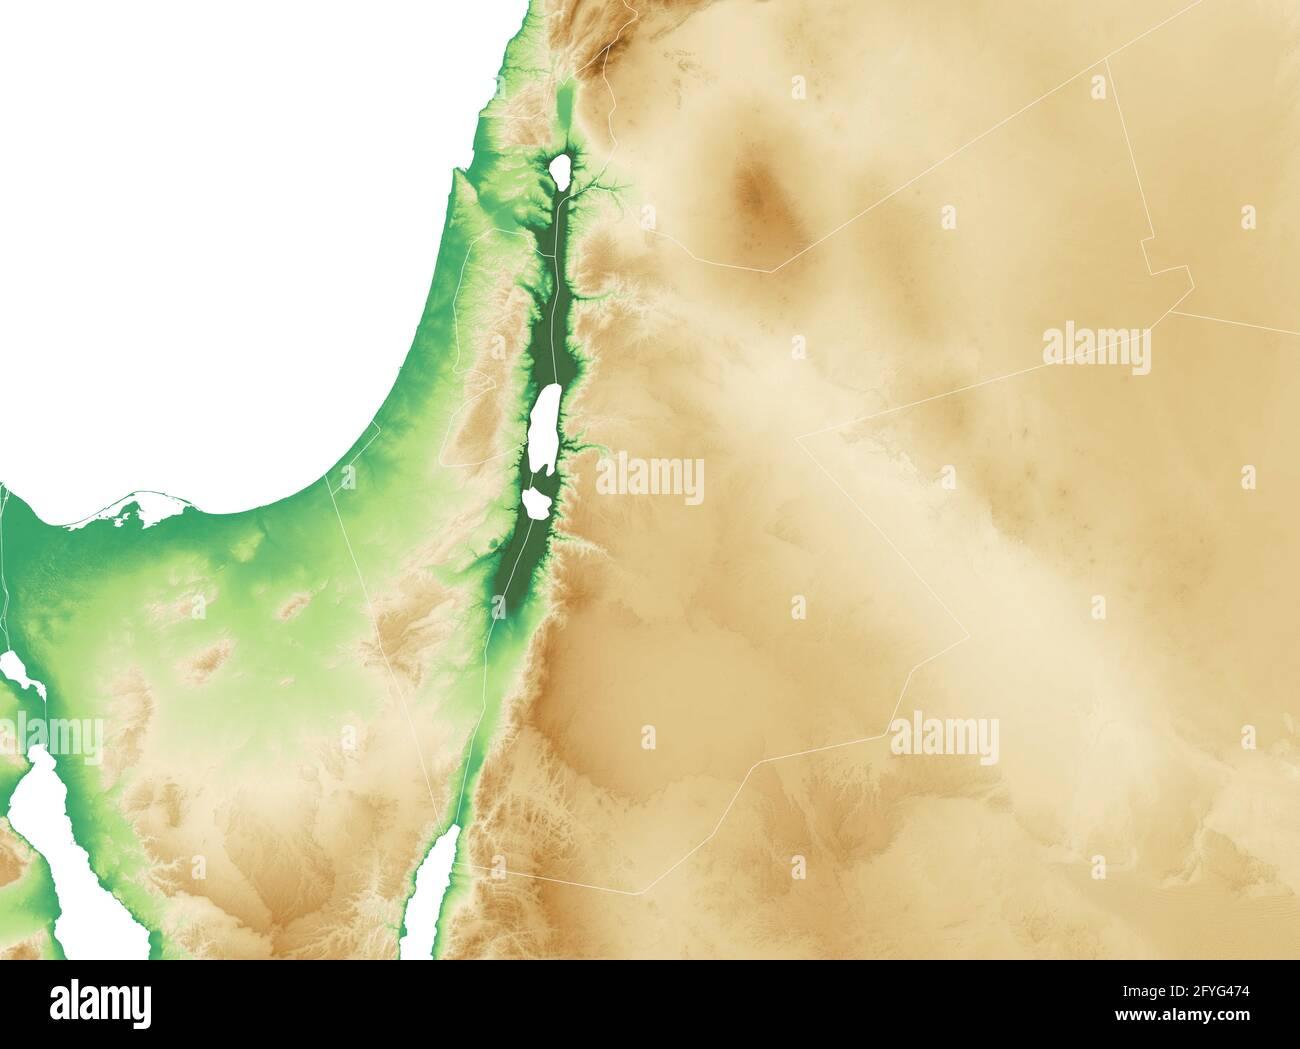 Cartina Fisica Palestina.Cartina Fisica Della Palestina Foto Stock Alamy